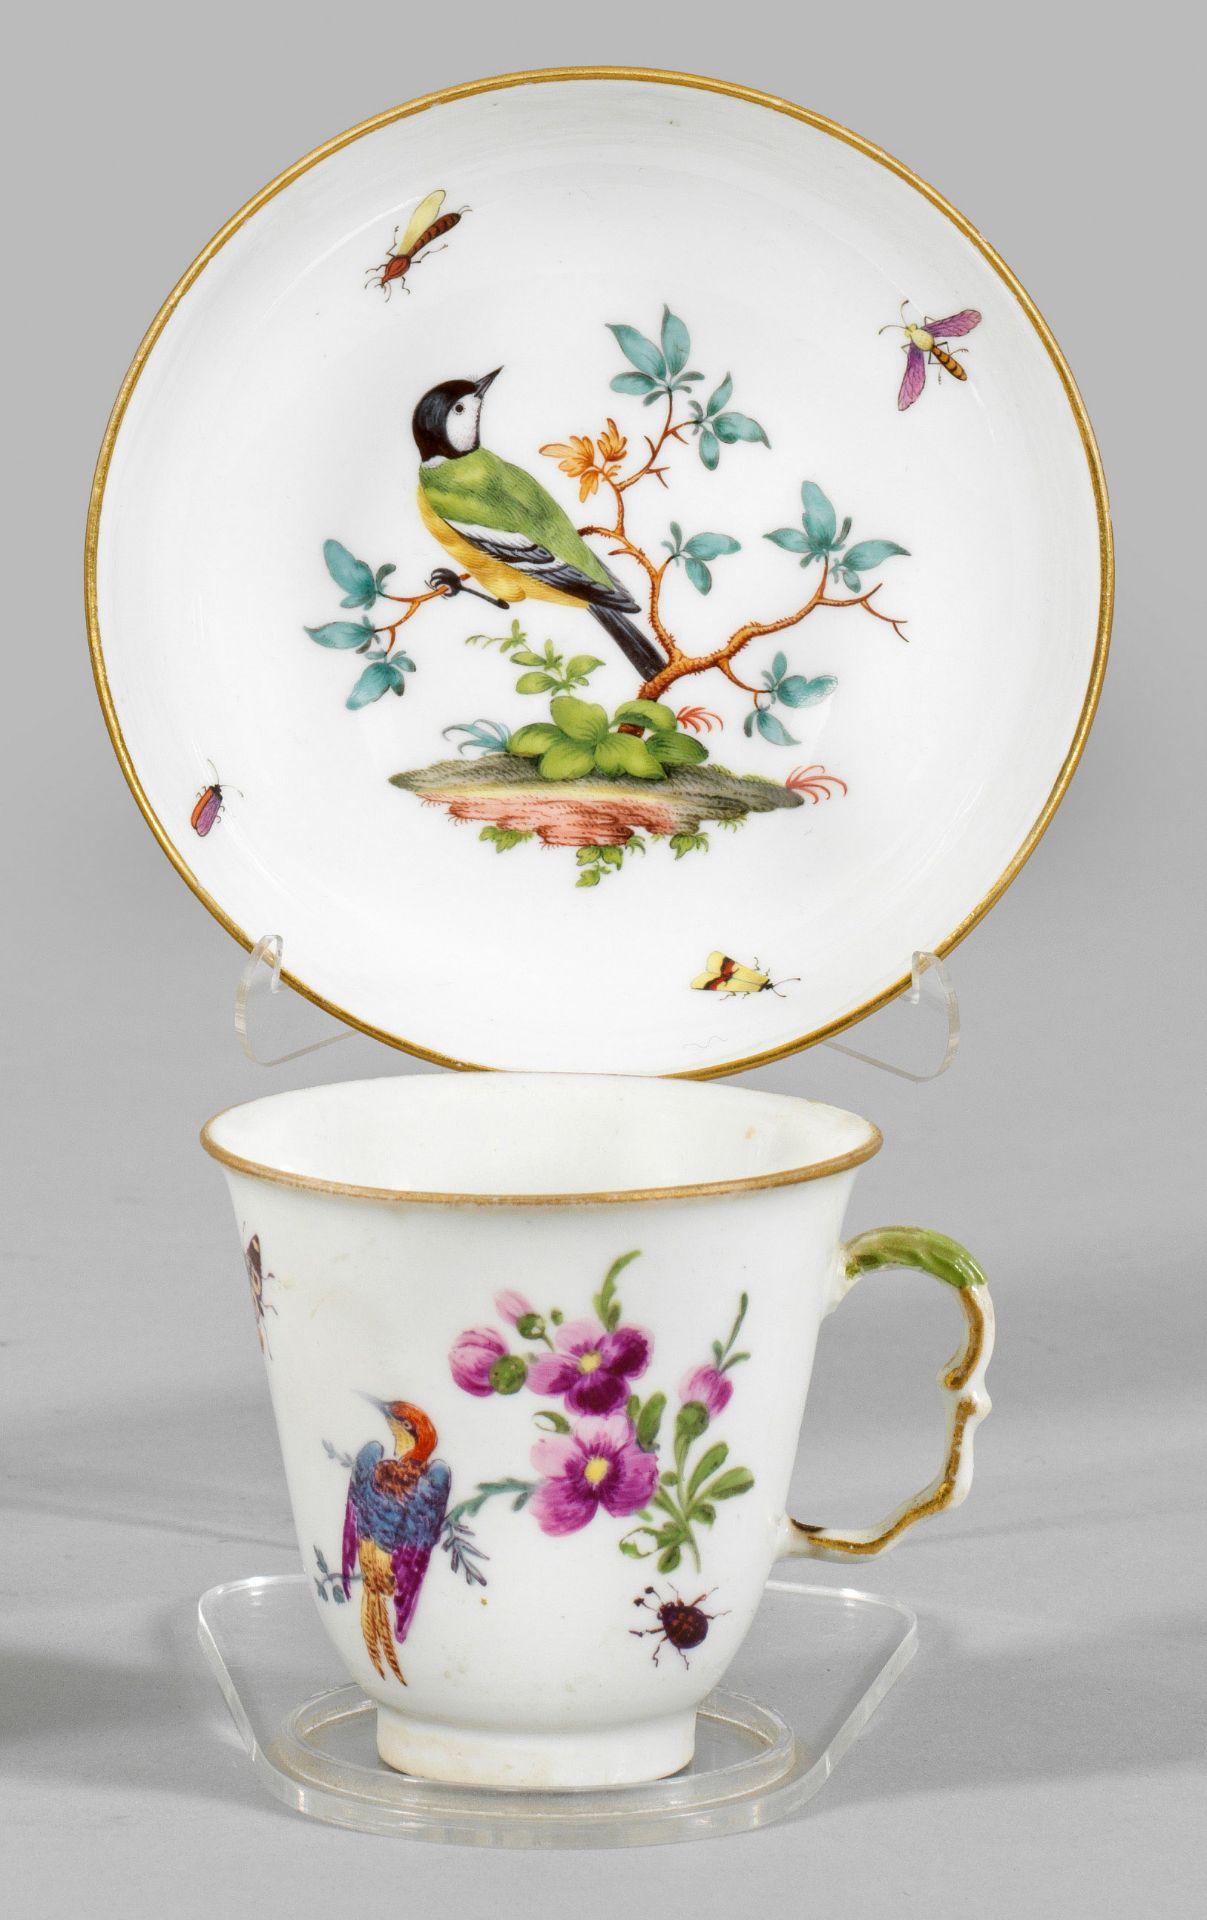 Ziertasse mit Vogel- und Blumendekor